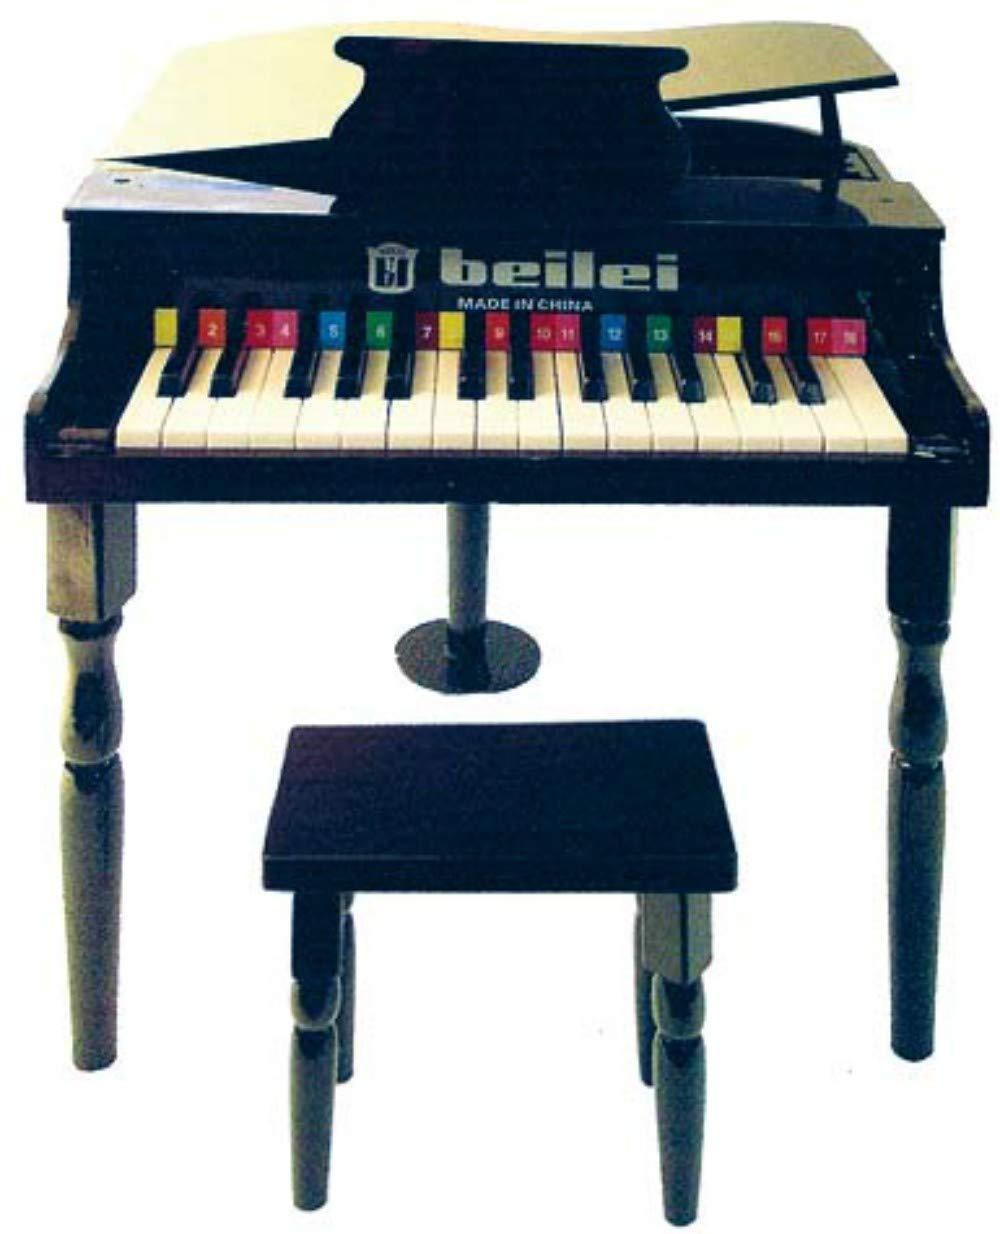 CAPRILO Instrumento Musical Infantil Decorativo Piano Grande Negro . Juegos y Juguetes de Colección. Réplicas de Instrumentos Musicales. Regalos Originales. Reyes y Navidad.